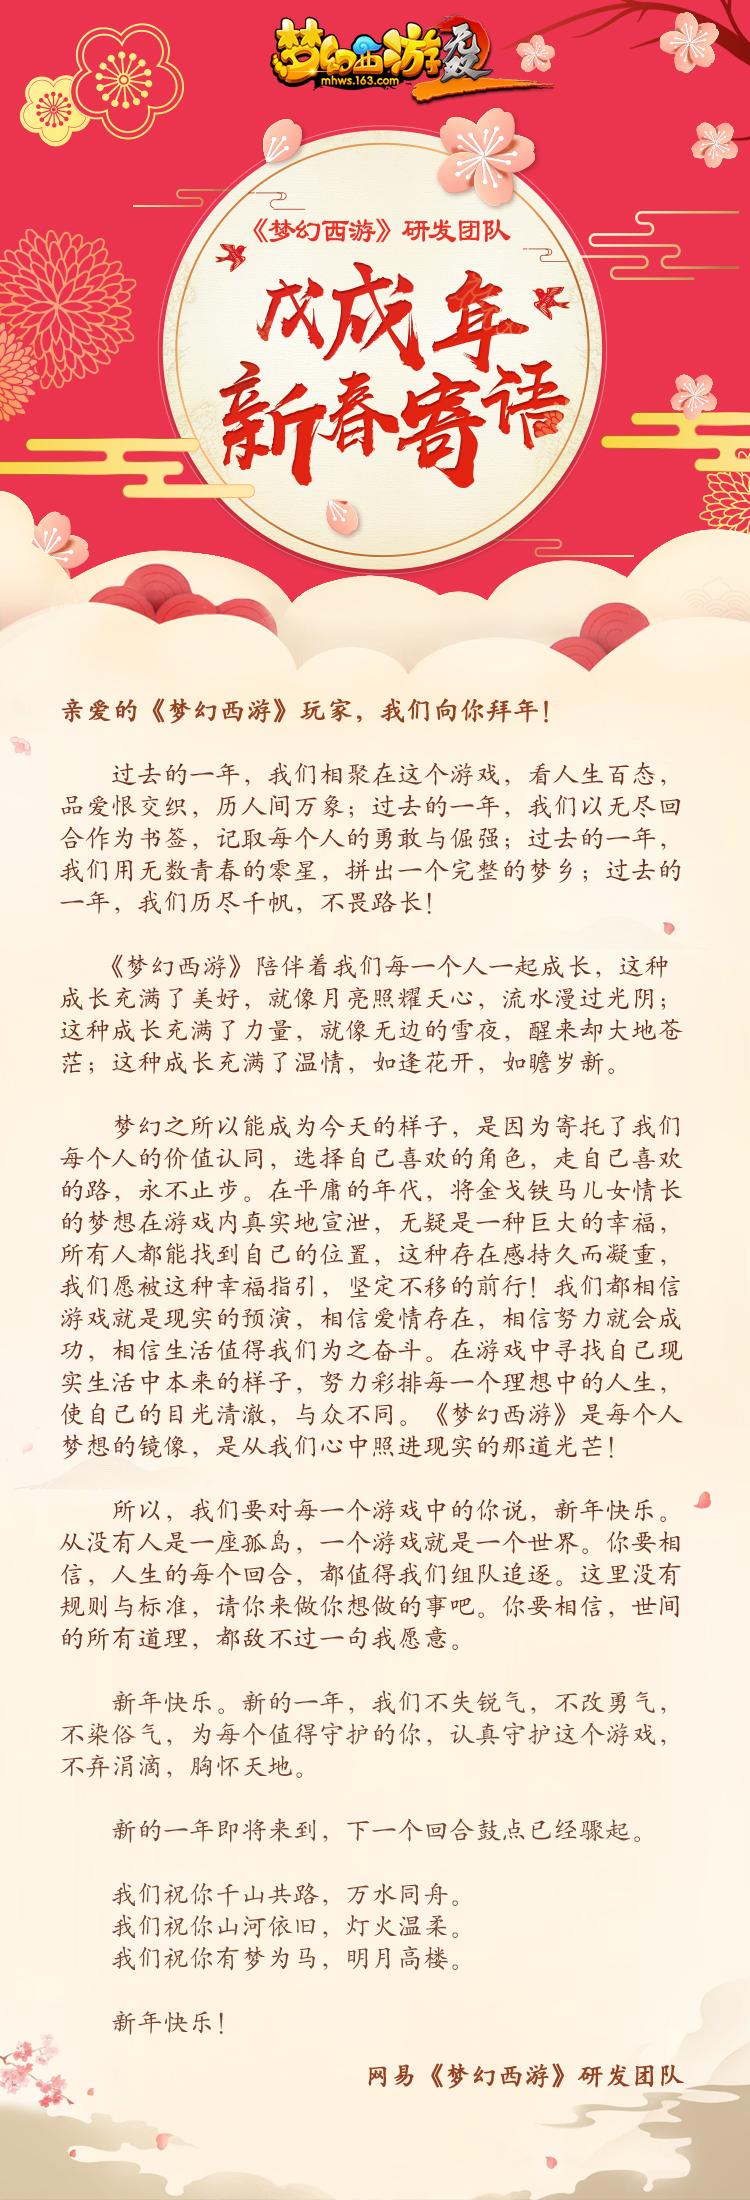 G18新春祝福 长图 梦幻无双(无角色)